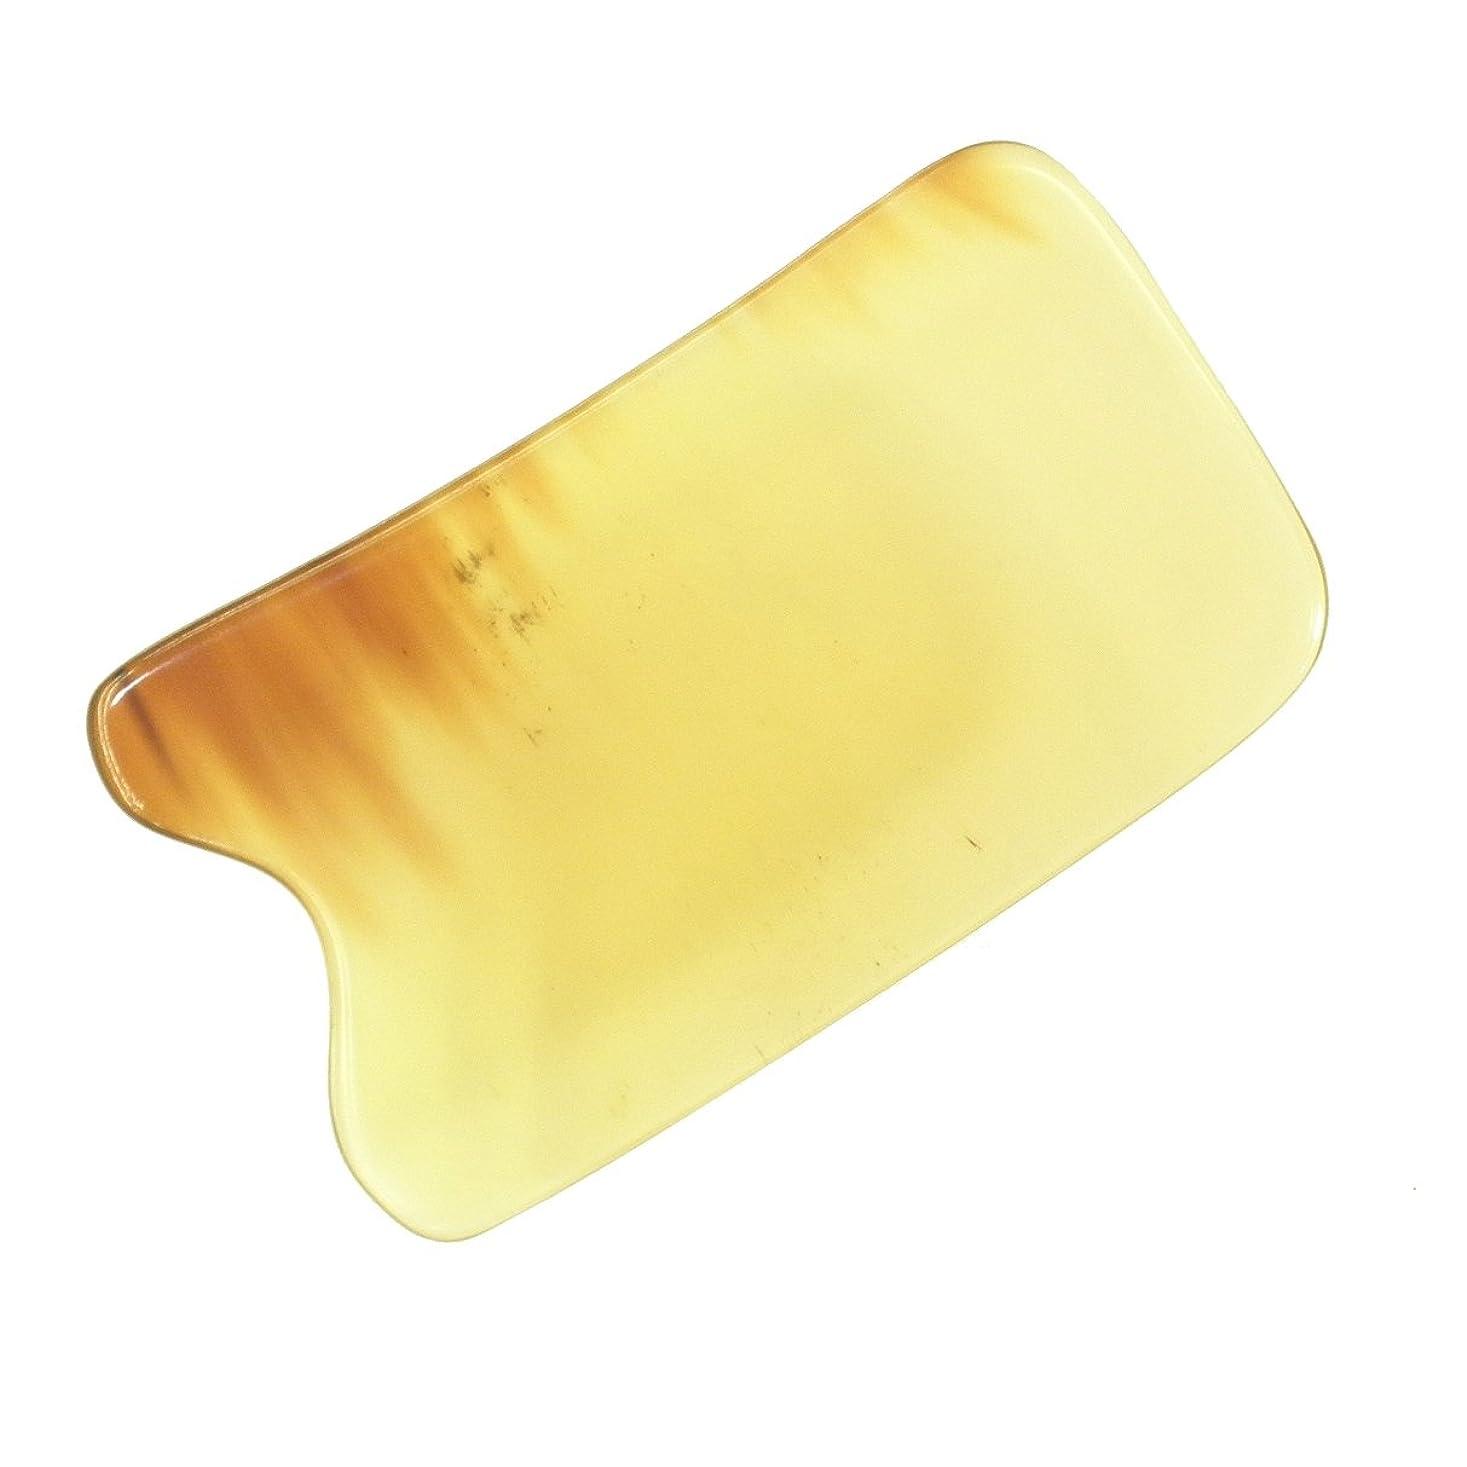 ハンディキャップ梨めまいかっさ プレート 厚さが選べる 水牛の角(黄水牛角) EHE219 四角凹 一般品 少し薄め (4ミリ程度)